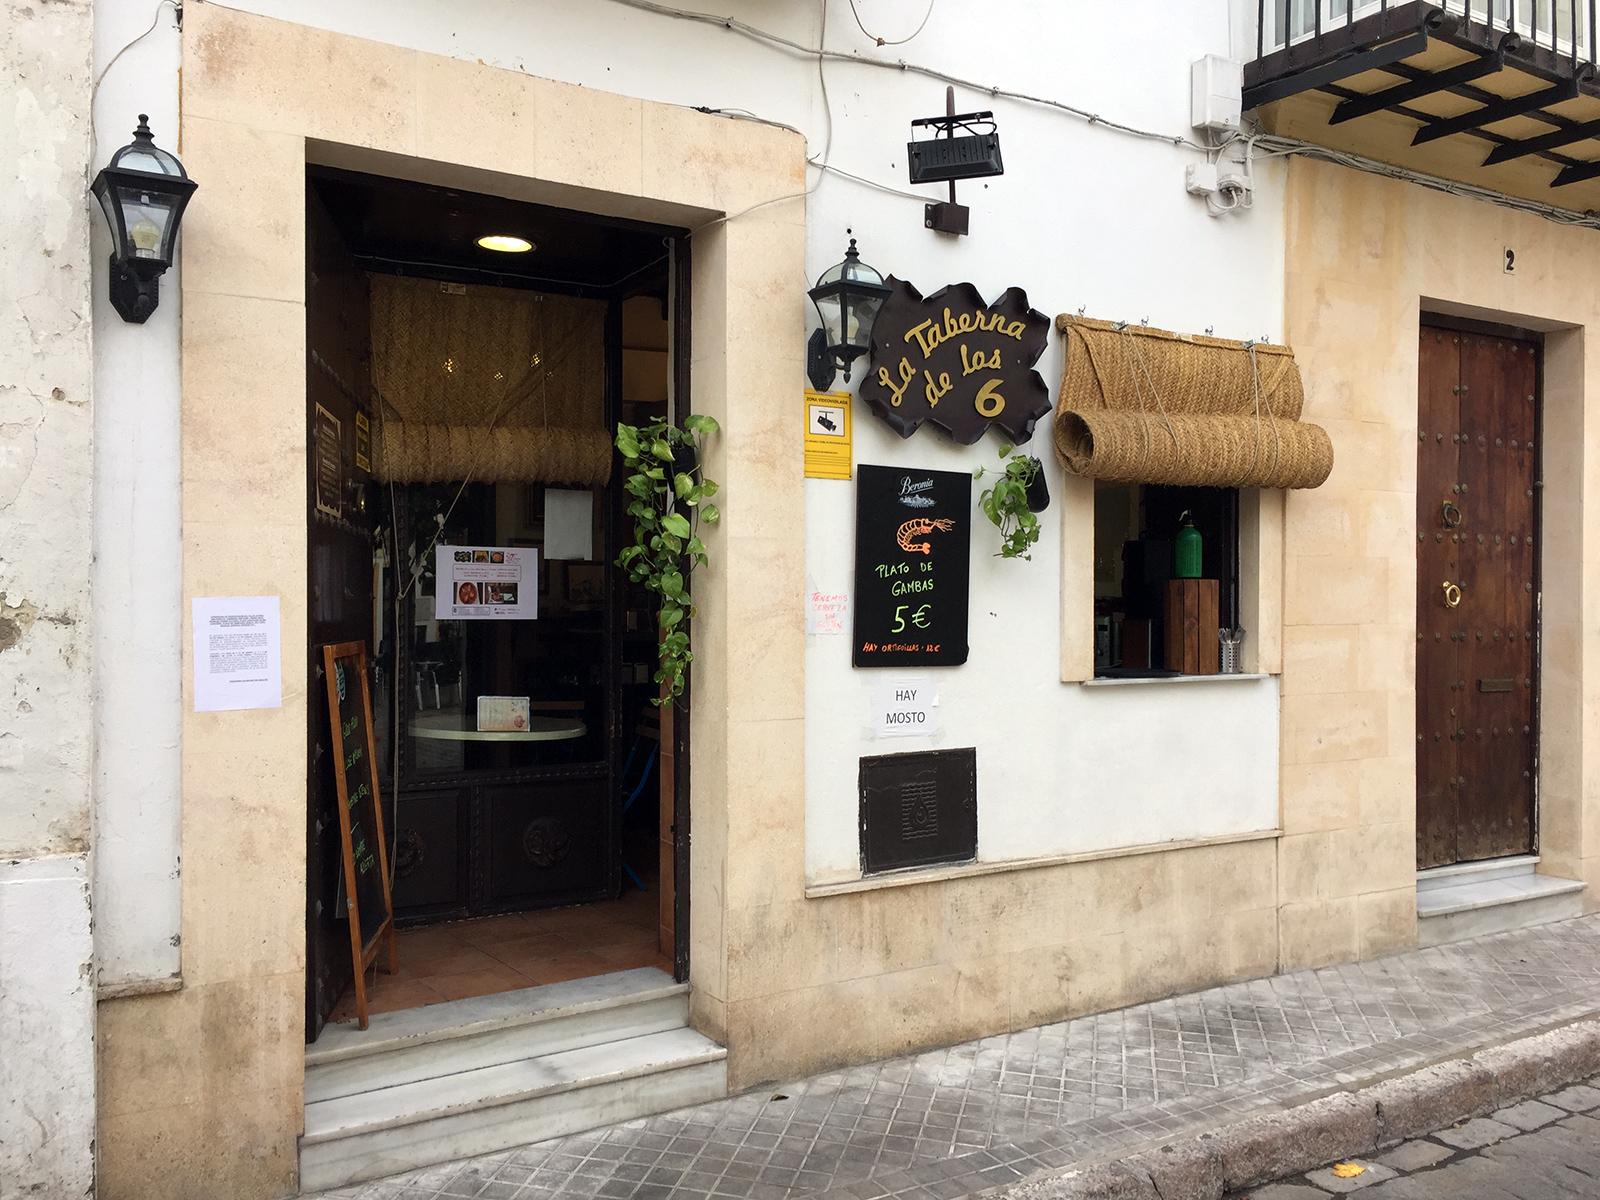 La Taberna de las 6 in Jerez, Spain by Jets Like Taxis